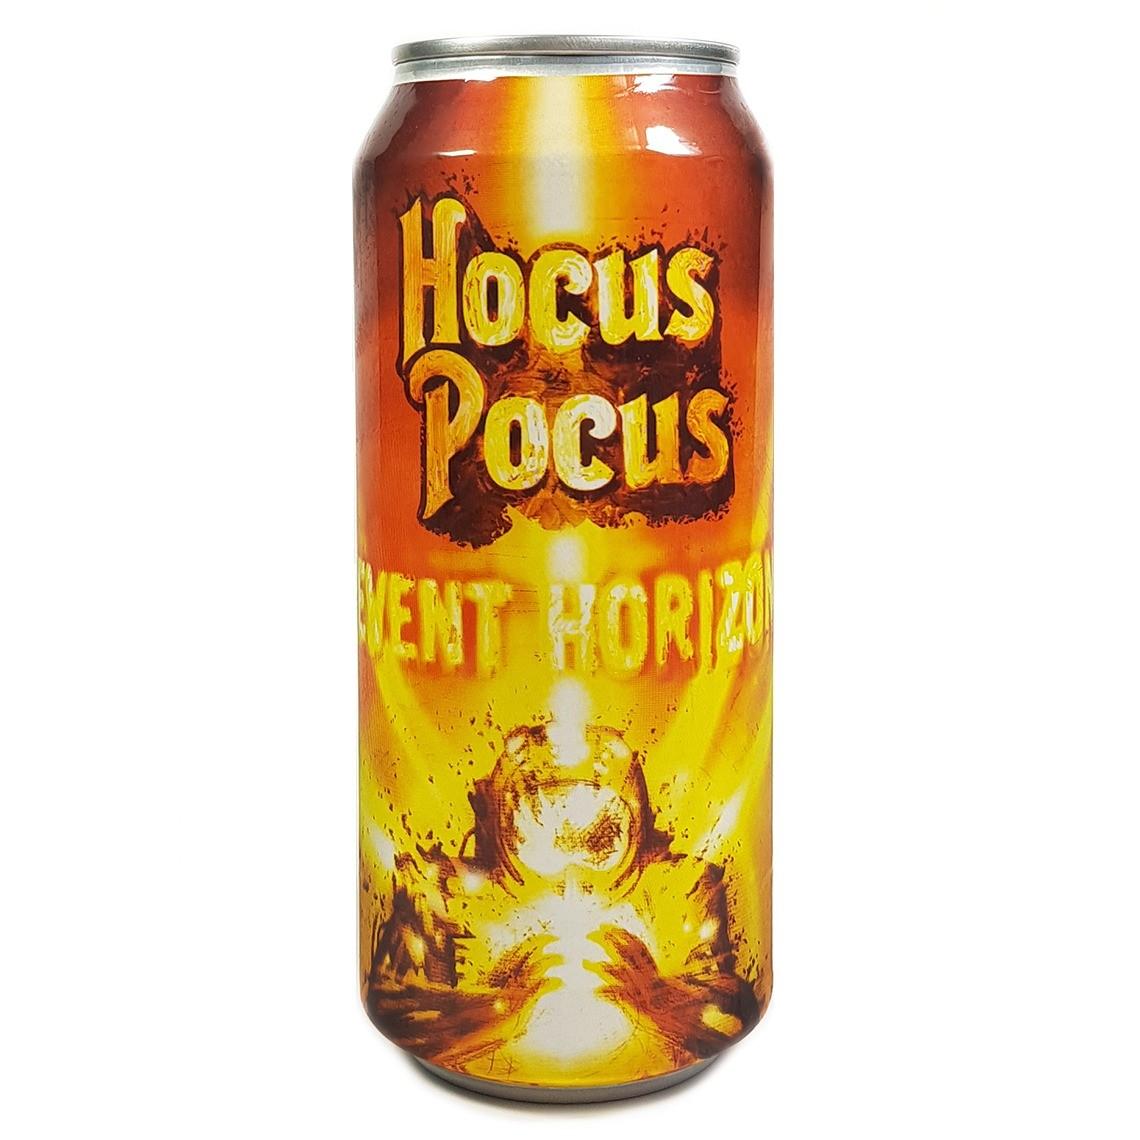 Hocus Pocus Event Horizon NEIPA Lata 473ml